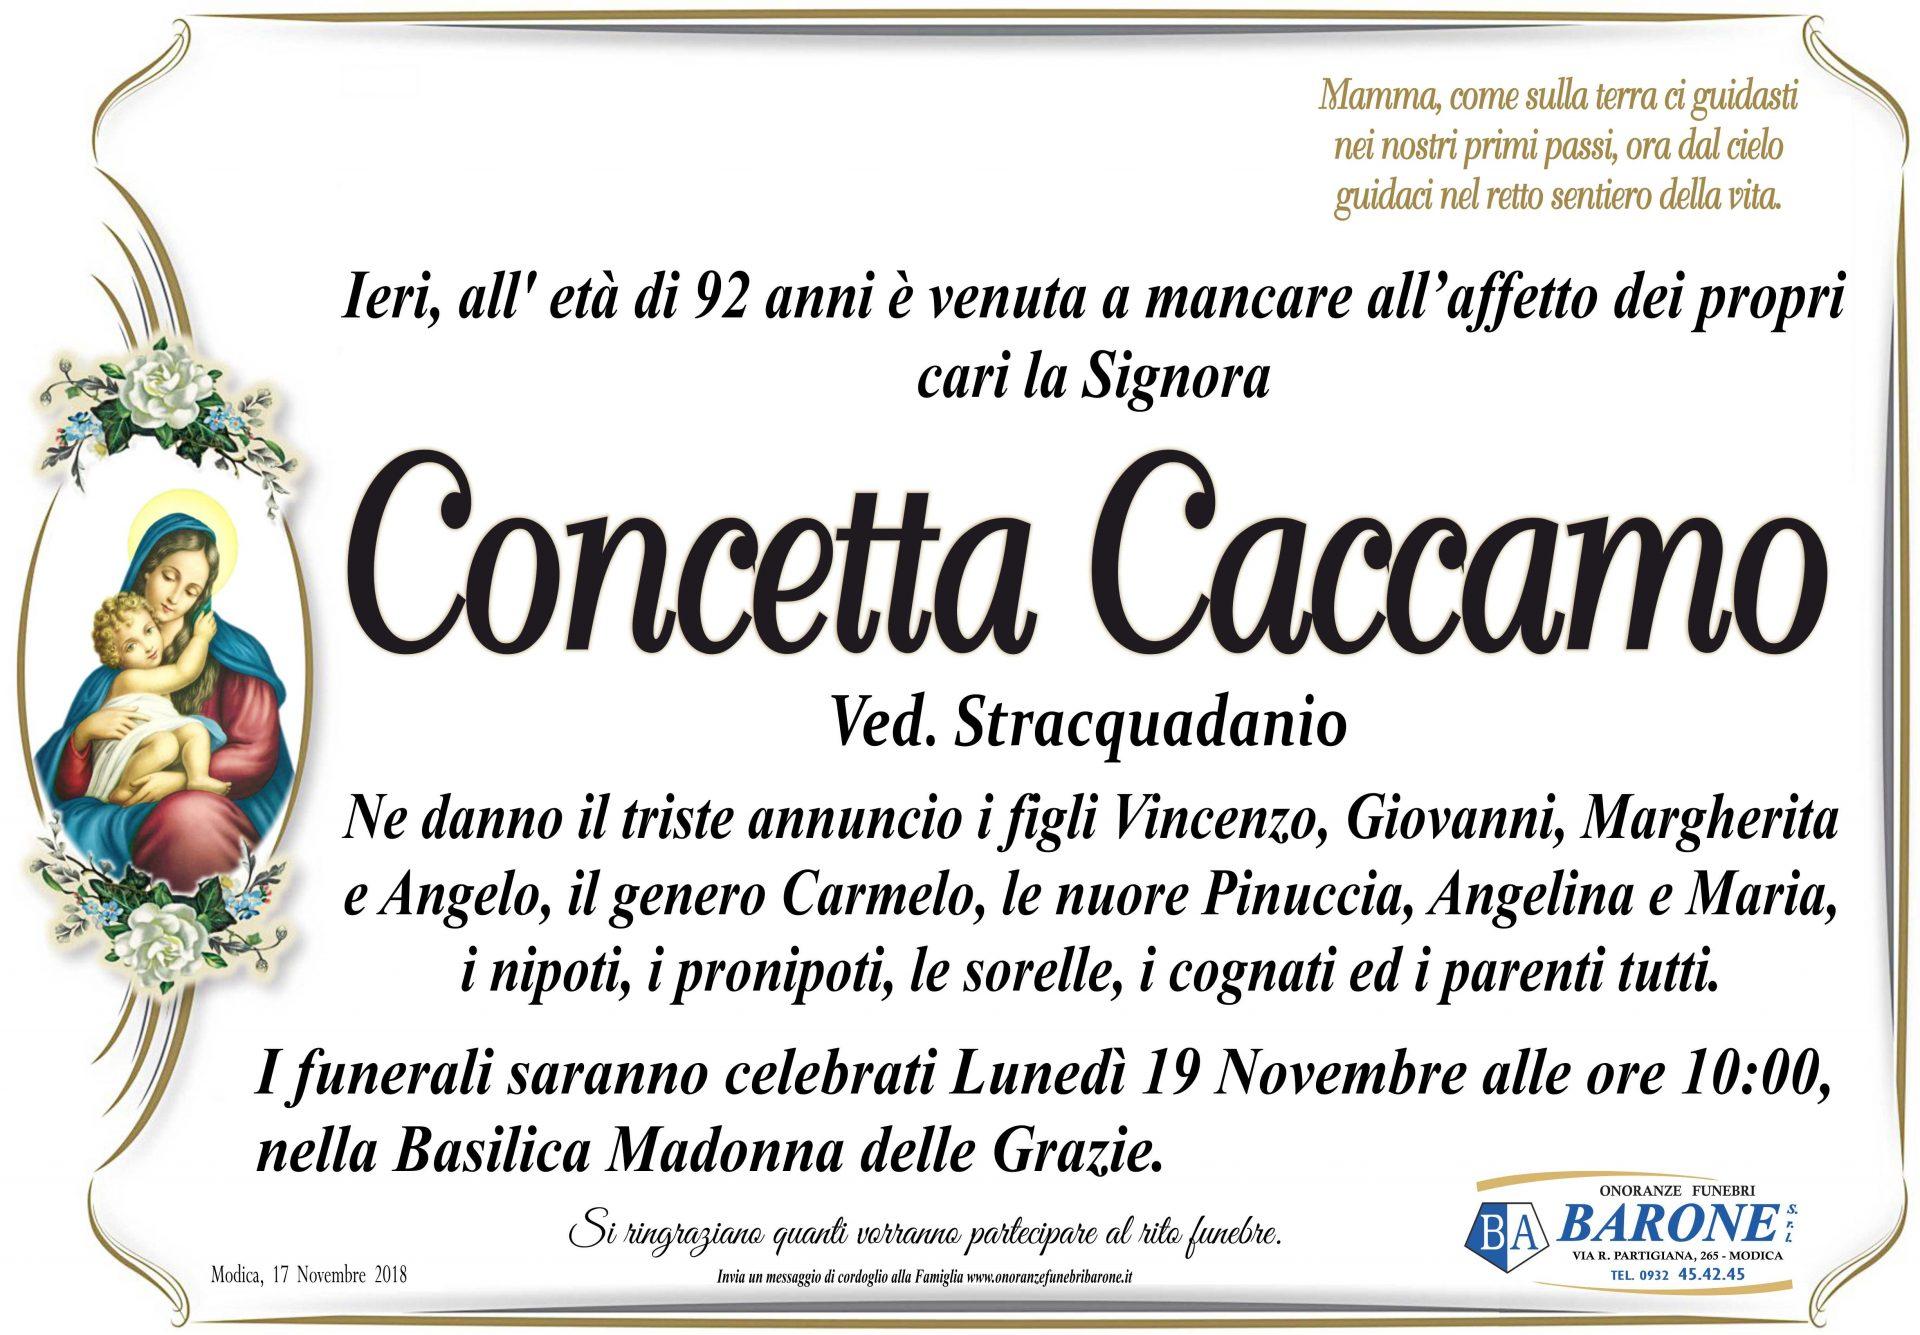 Concetta Caccamo